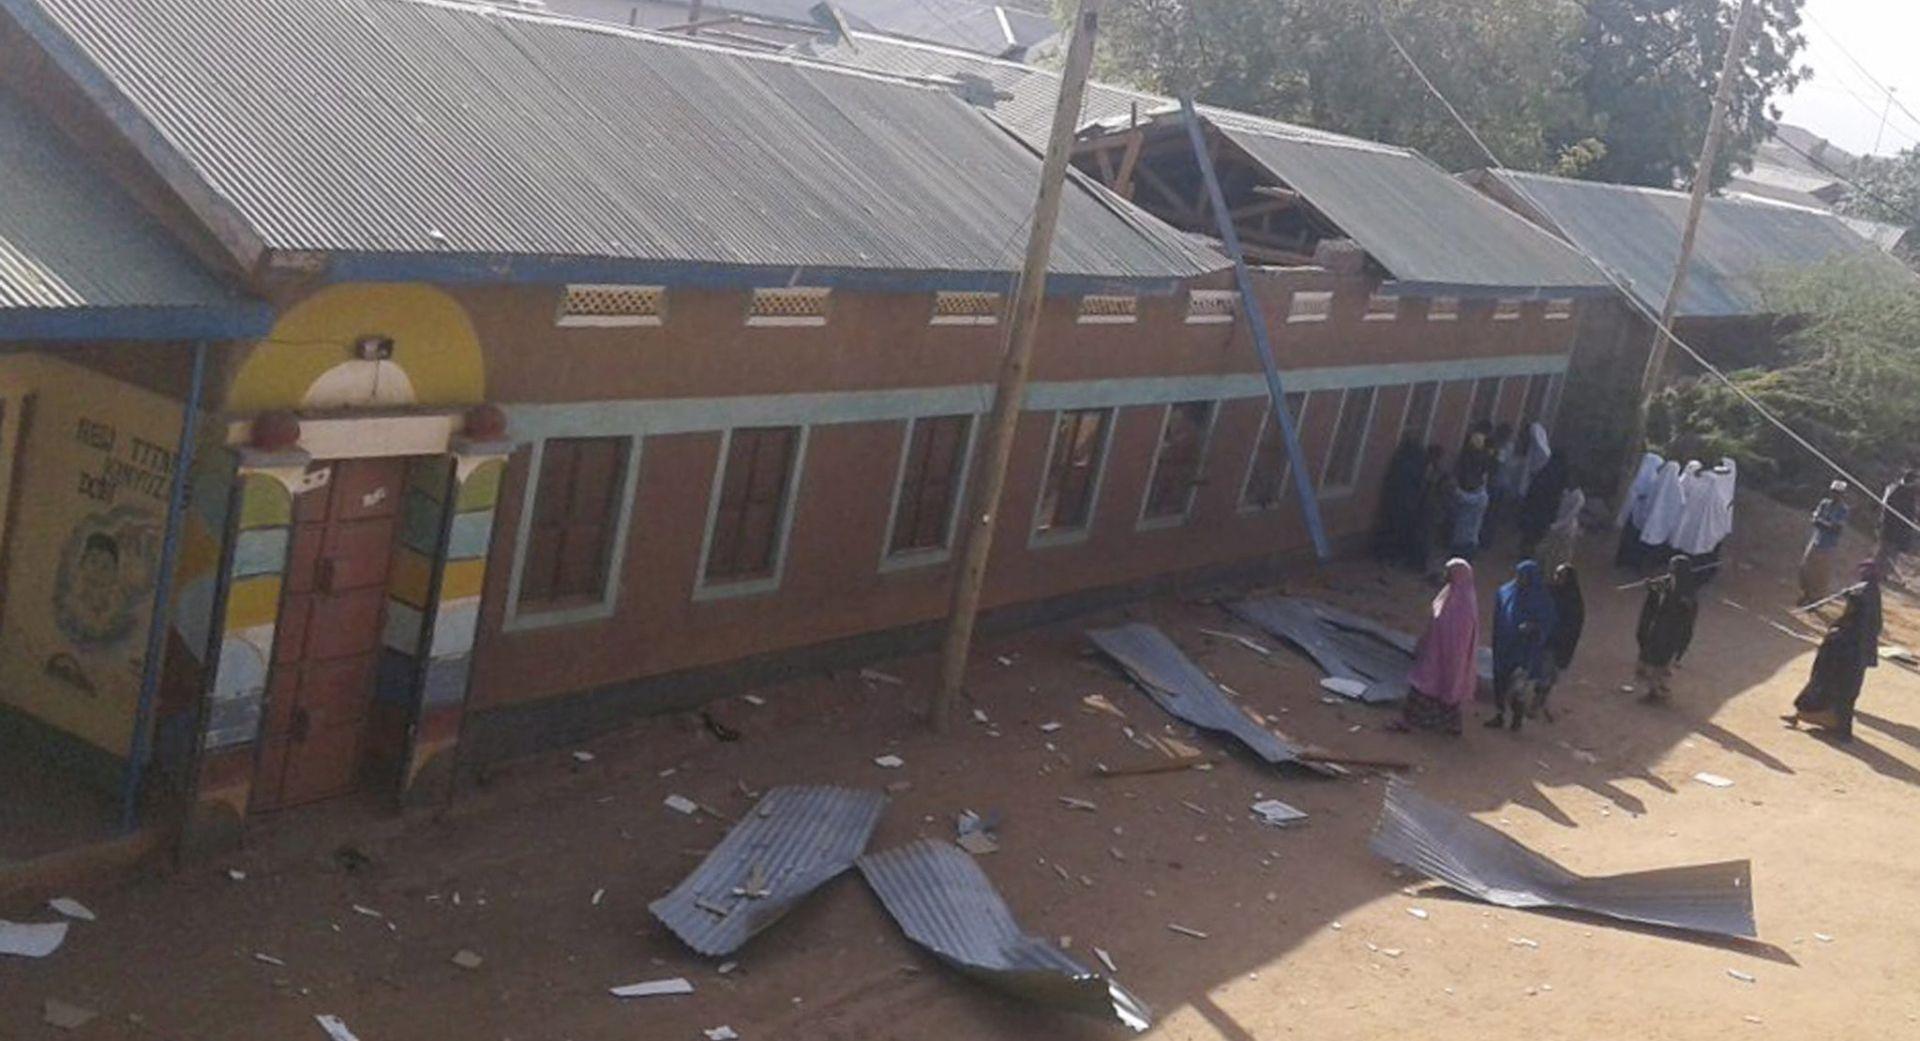 KENIJA Najmanje 12 ubijenih u napadu, sumnja se na al-Shabab